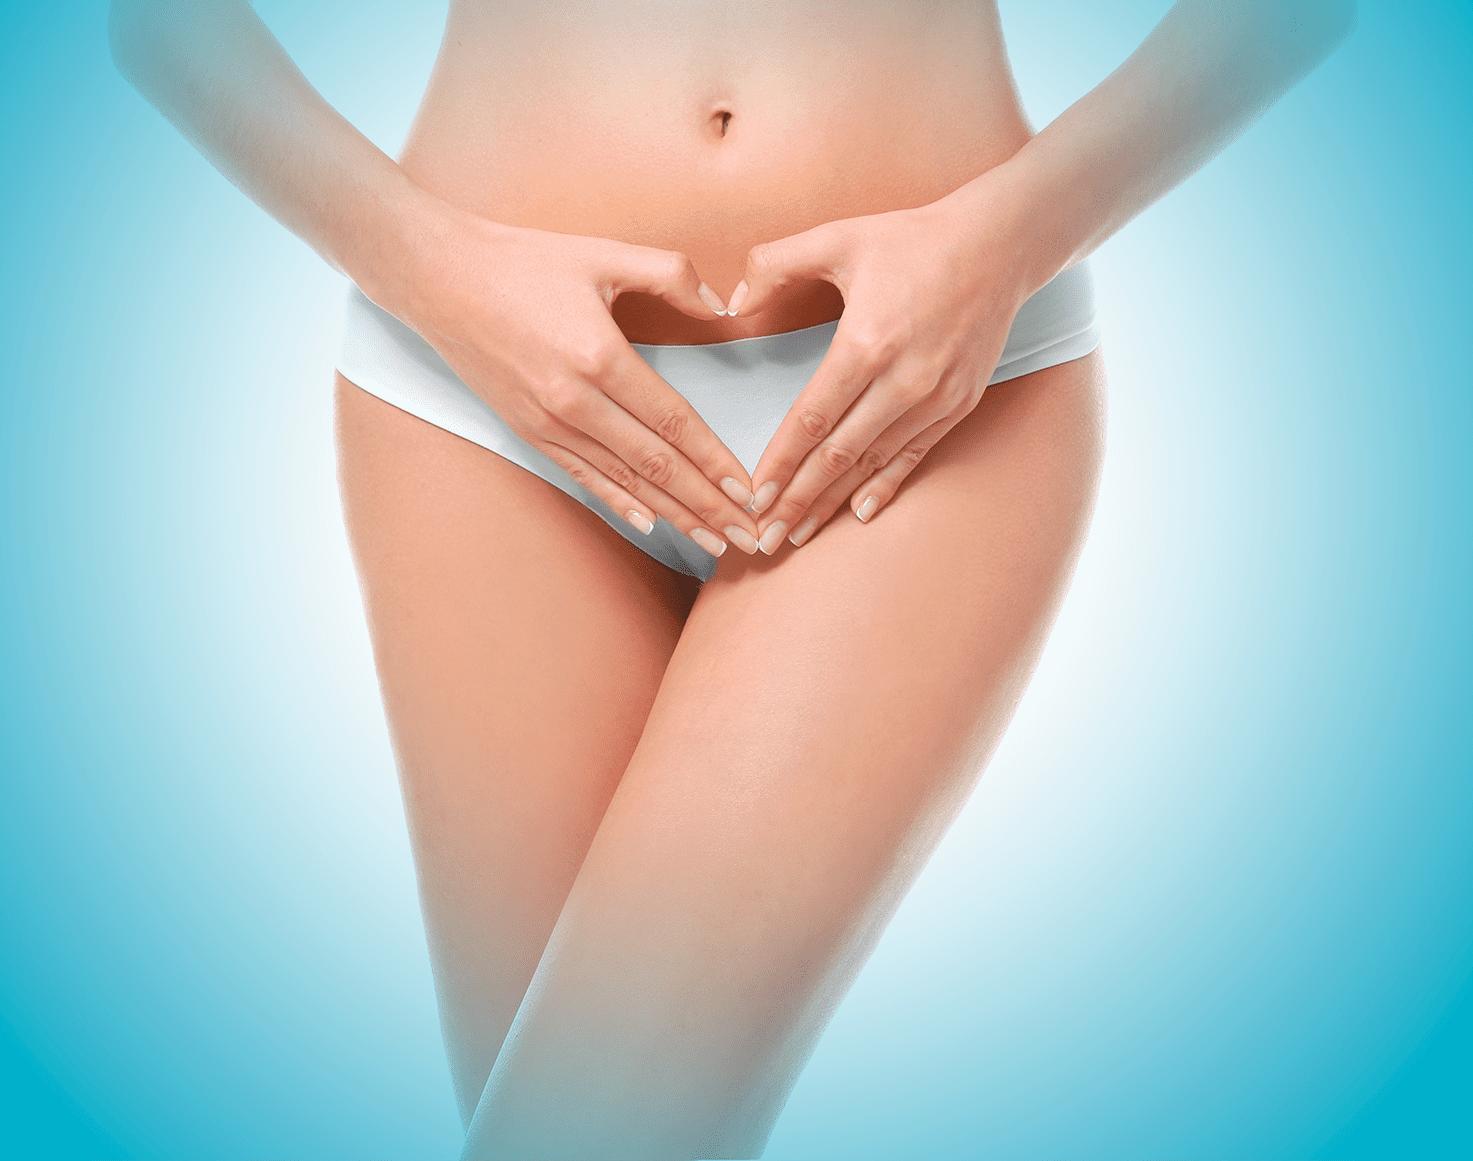 Женское здоровье и репродукция